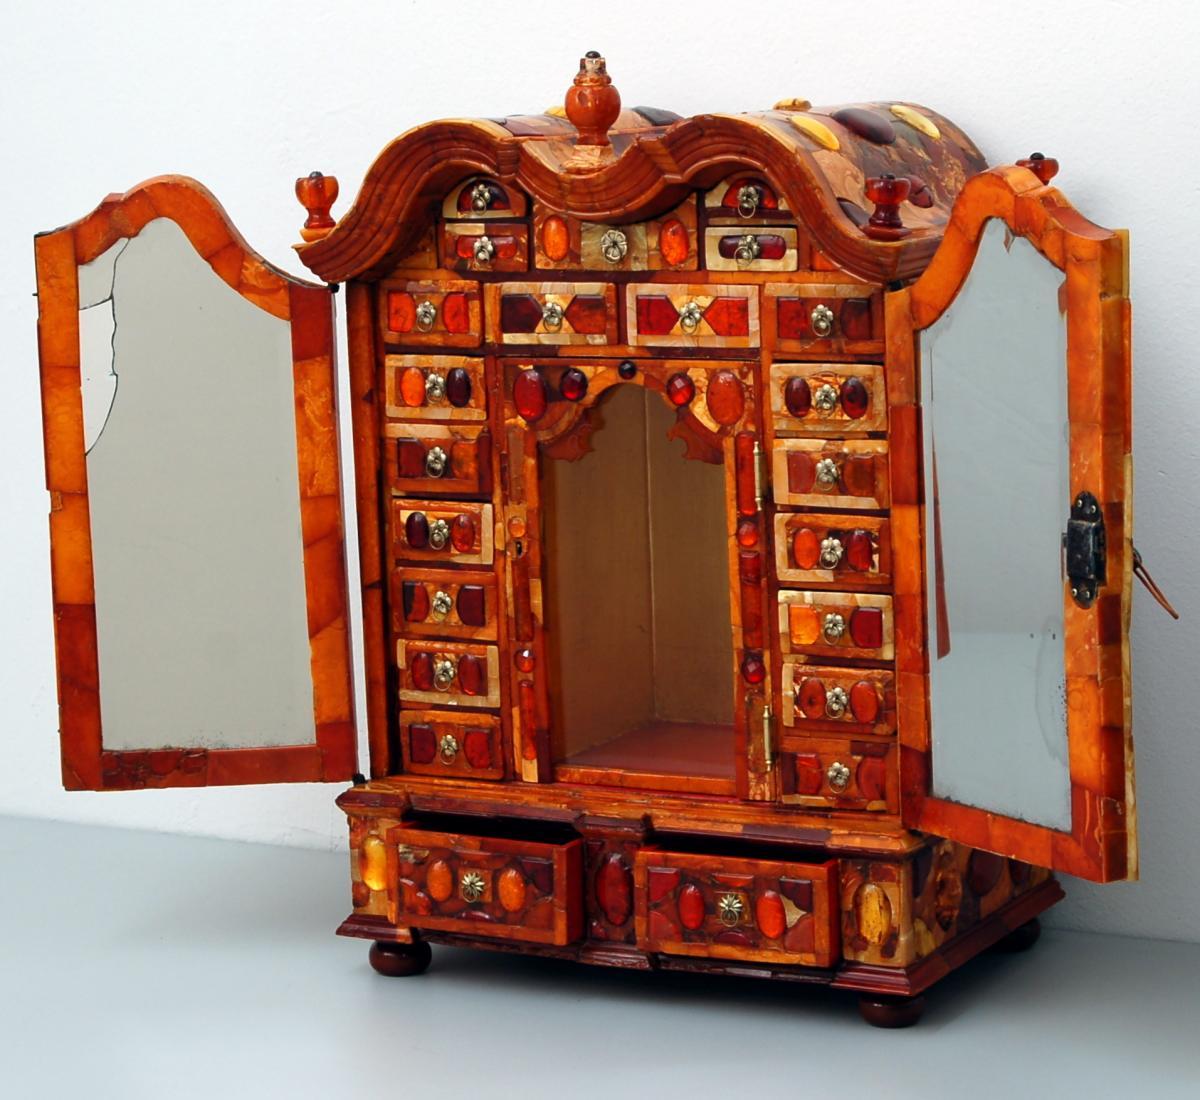 Blog De Arcaz Restauraci N De Muebles Arcaz # Muebles Renacentistas